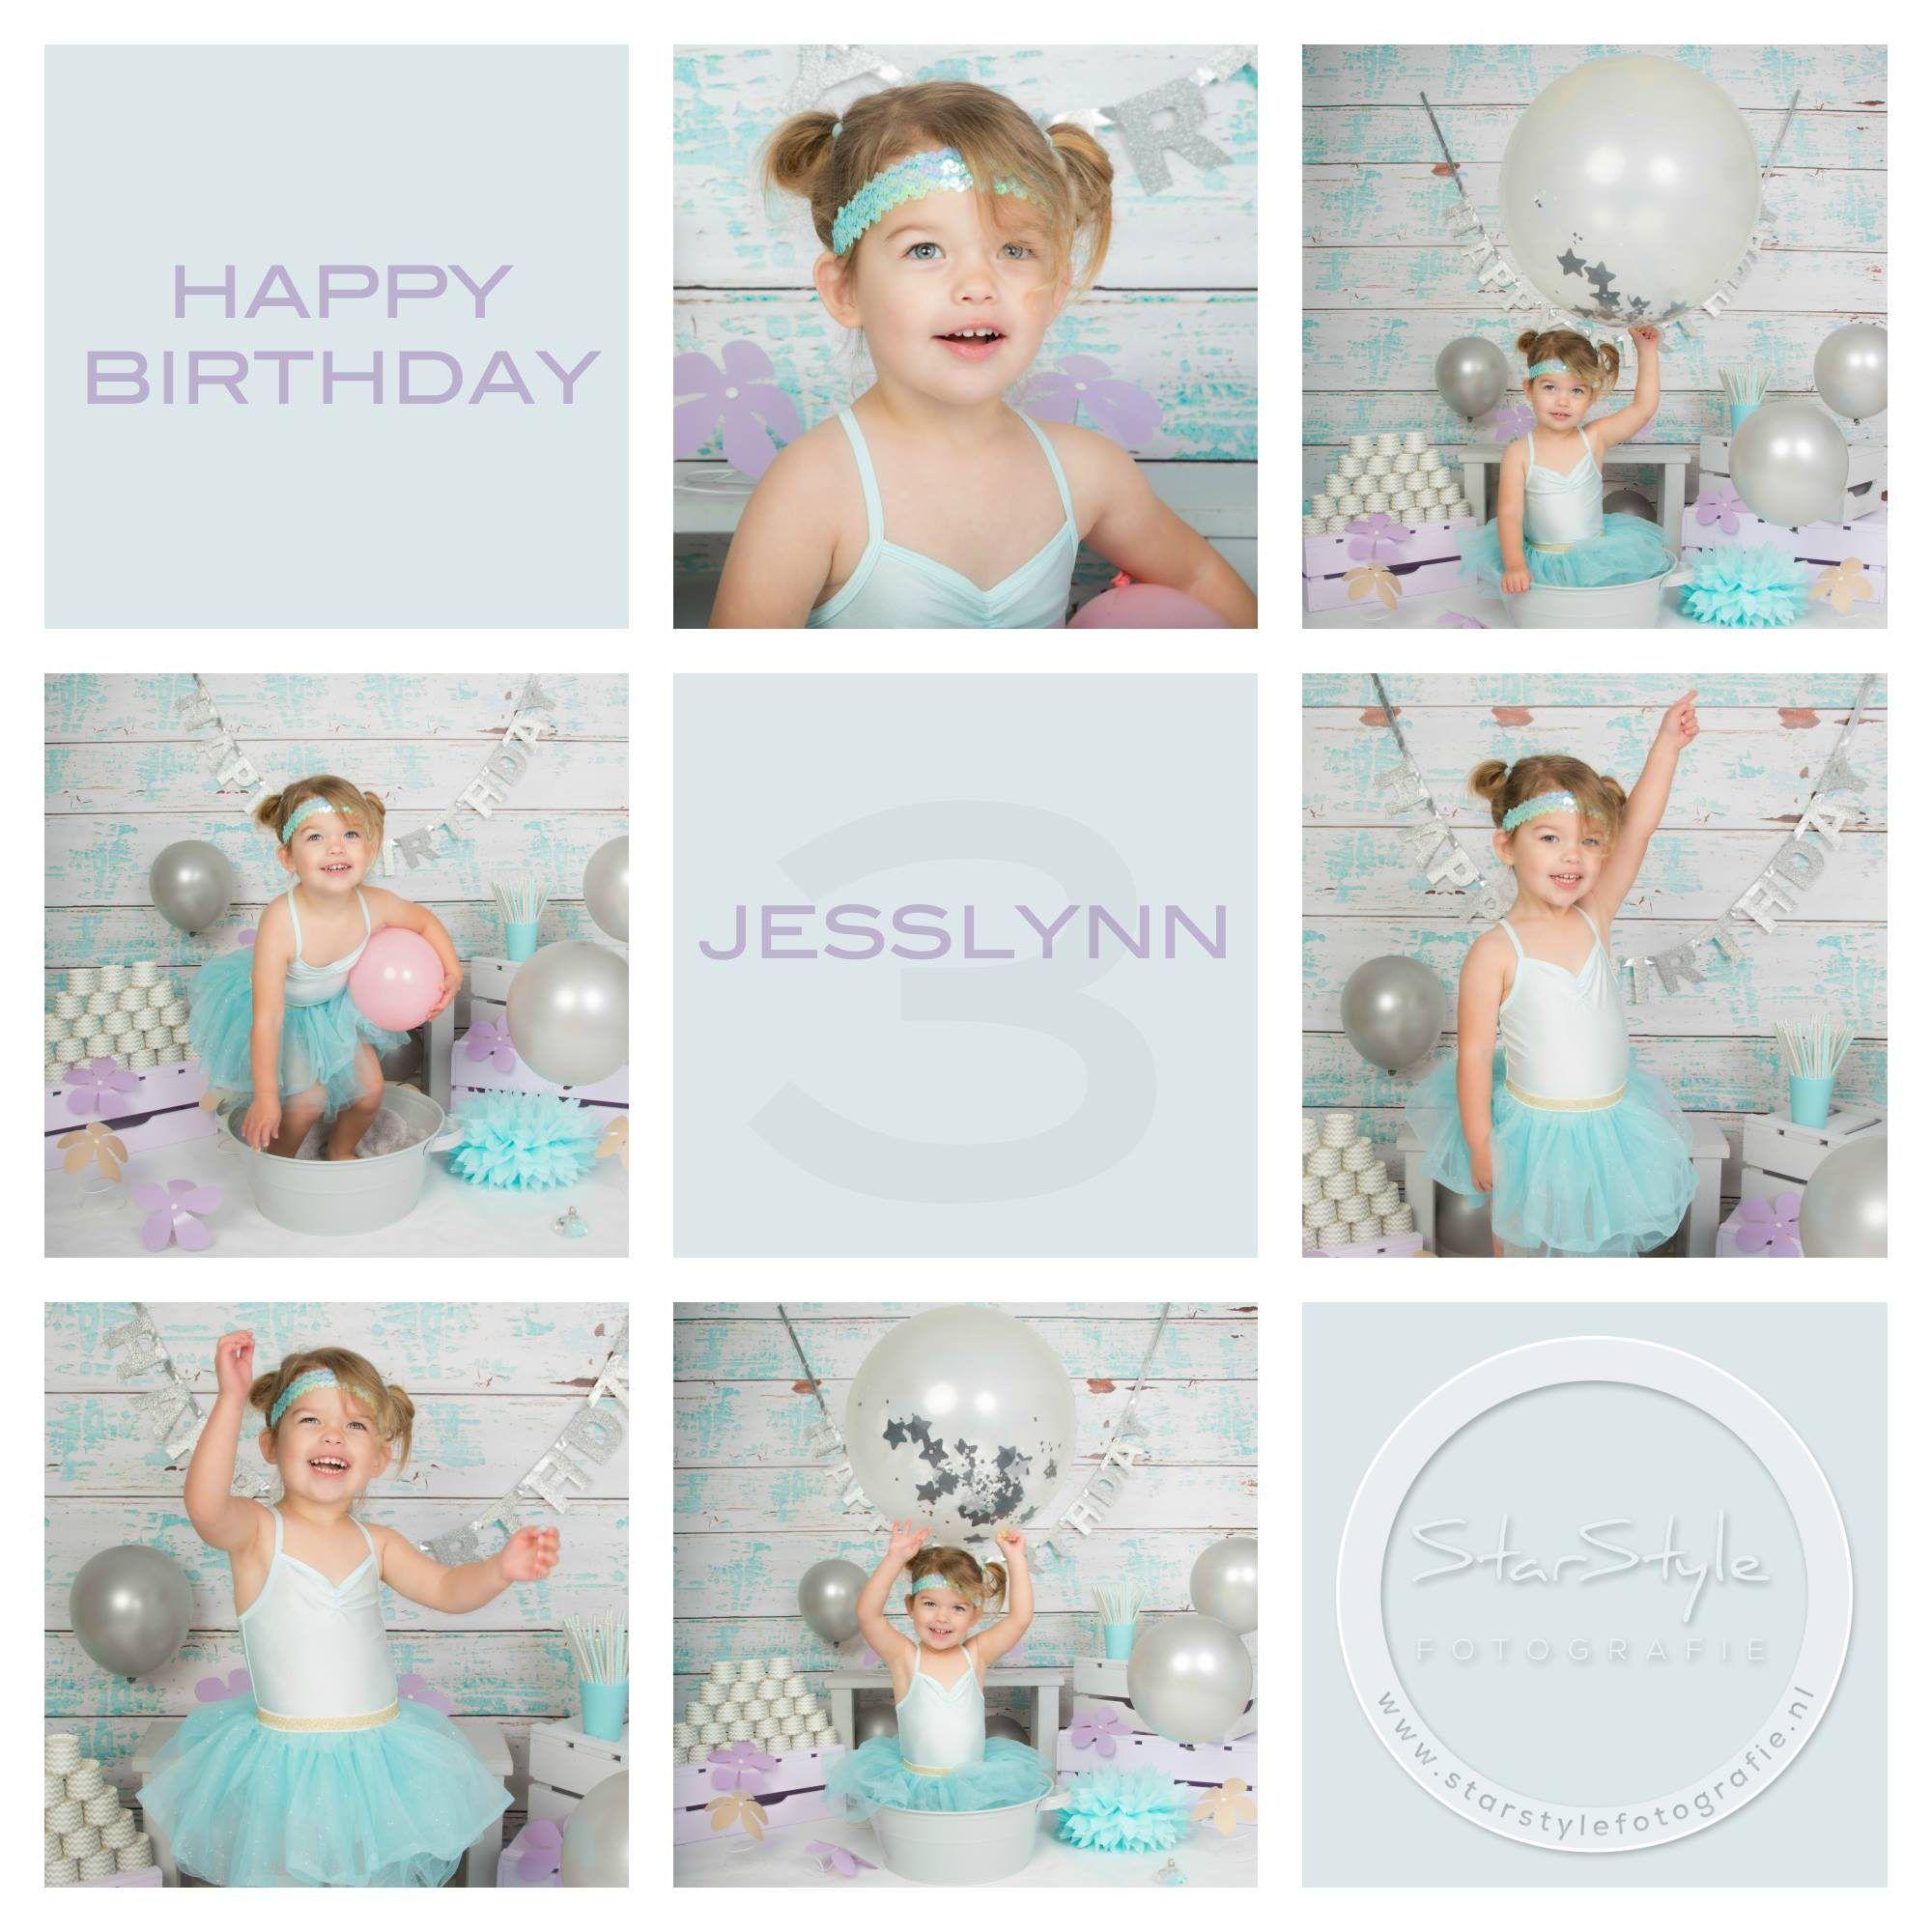 Vaak Uitnodiging Verjaardag 1 Jaar : Uitnodiging Verjaardag 1 Jaar  QL01